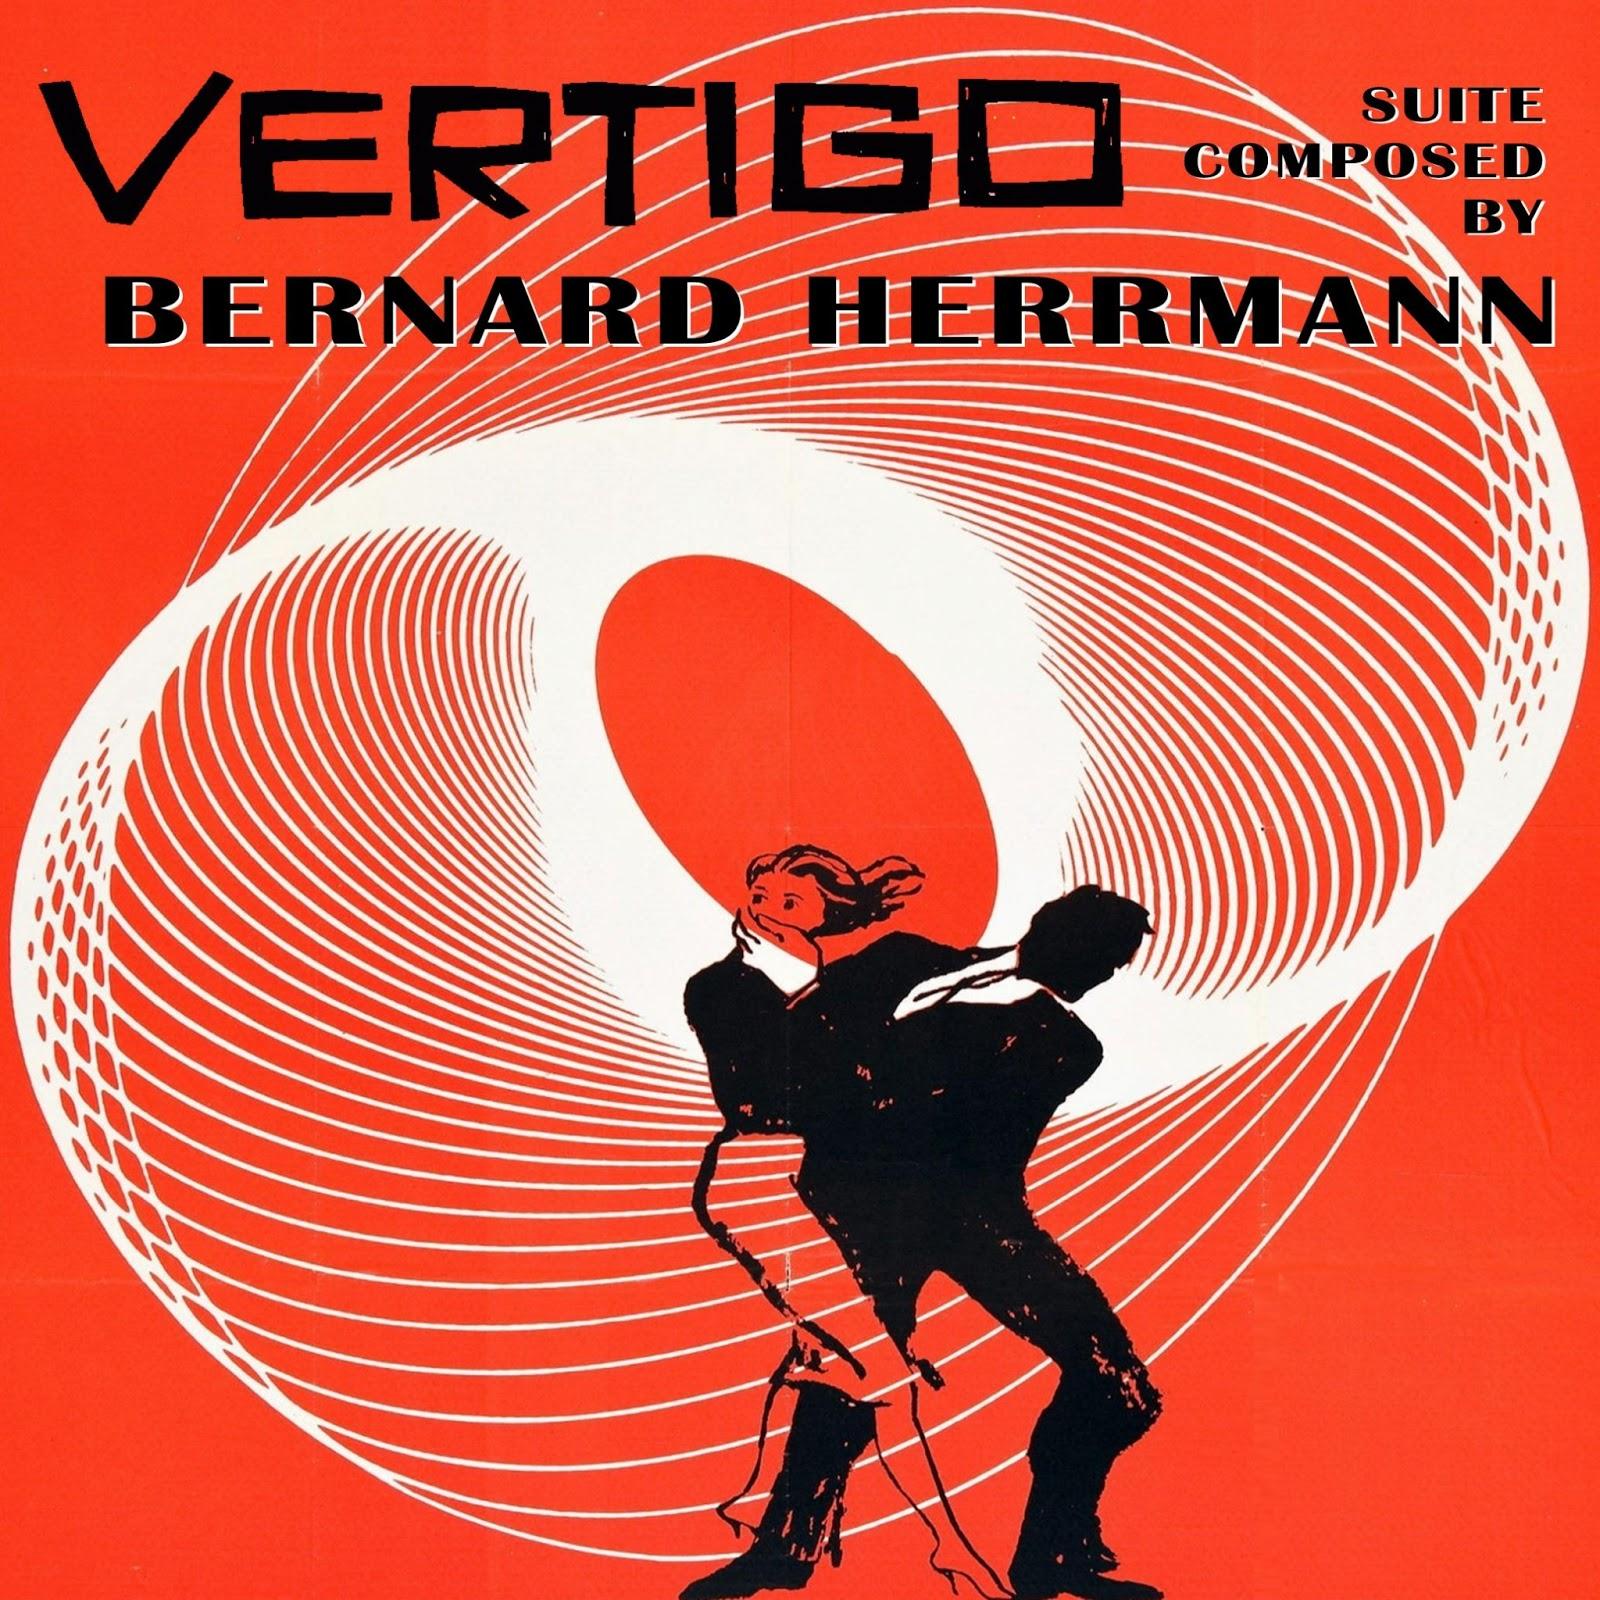 le blog de chief dundee vertigo suite bernard herrmann vertigo suite bernard herrmann